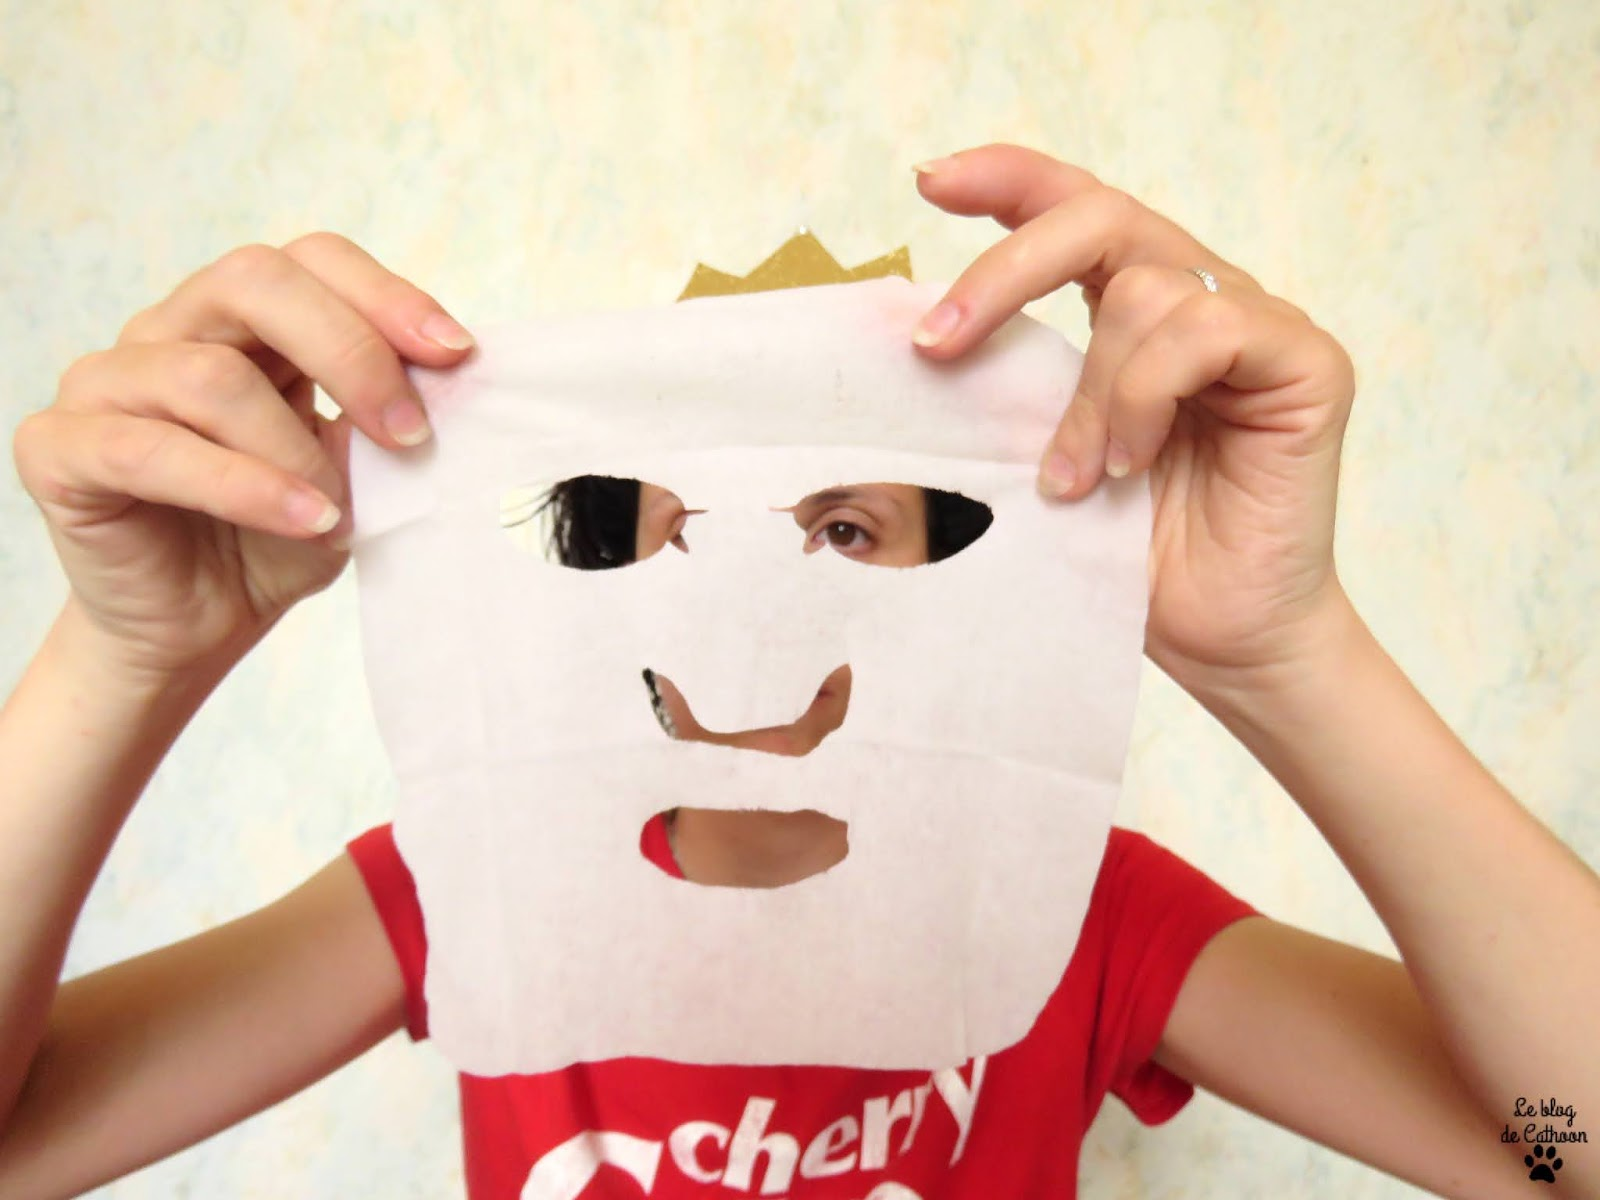 Masque Visage 1 minute - Lotus - 14 masques Tissu - Sephora